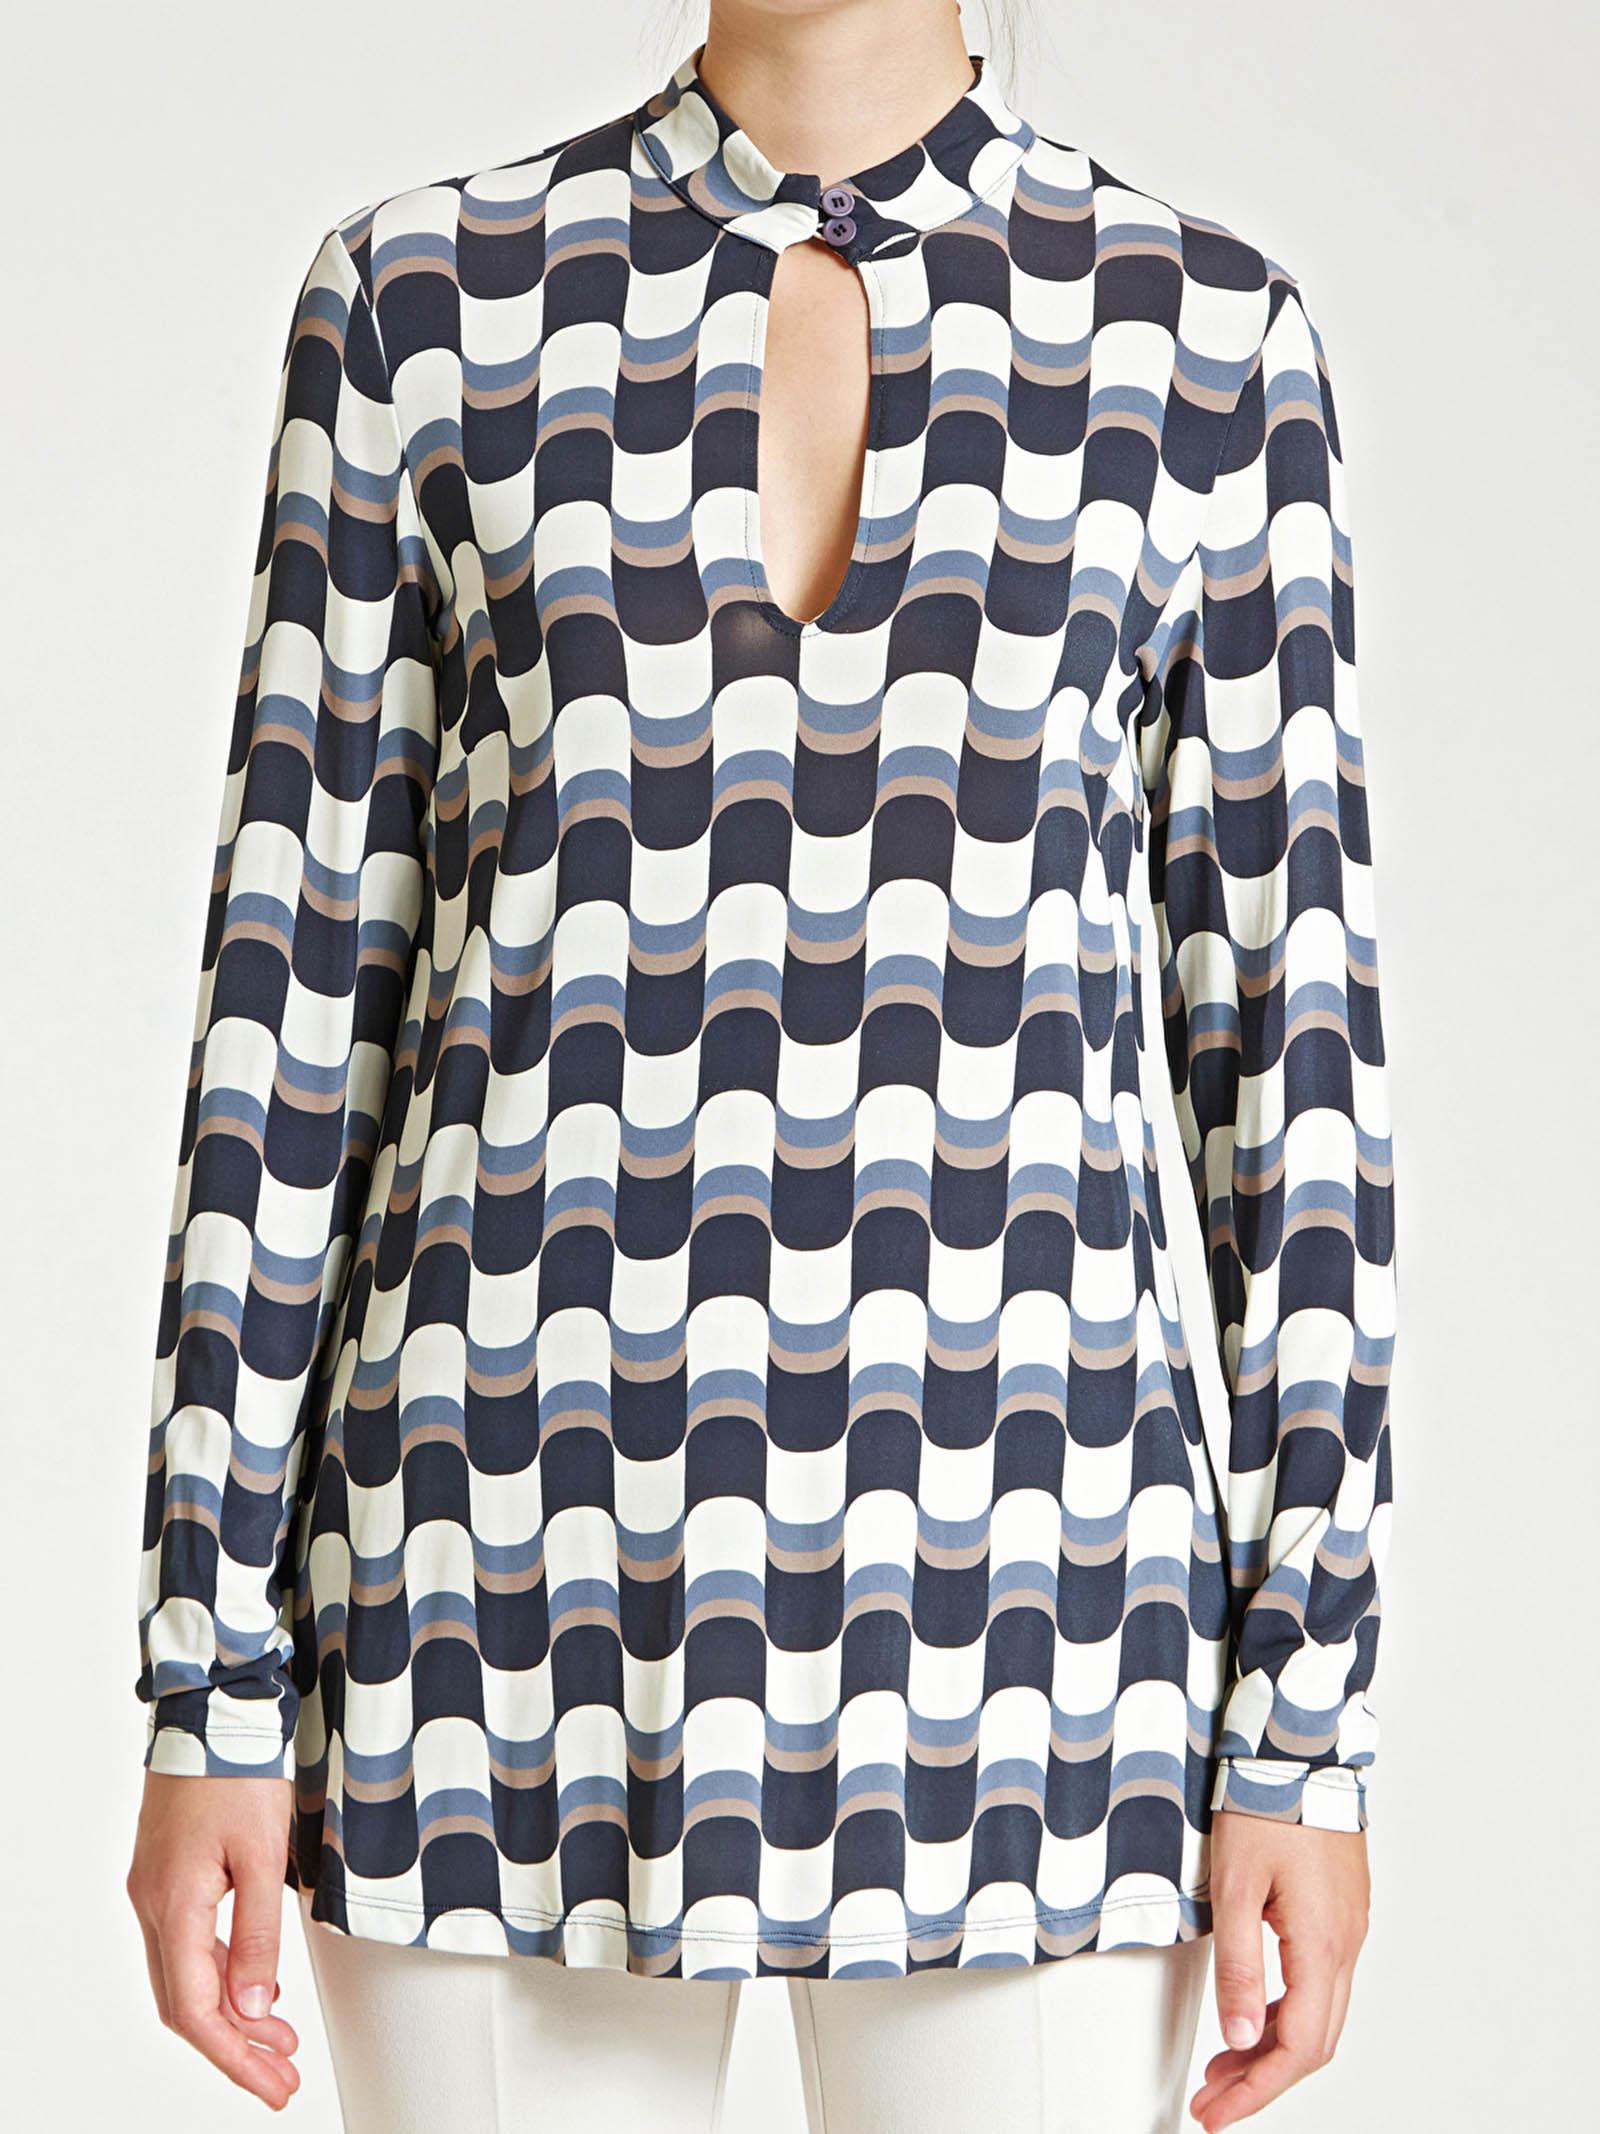 Abbigliamento Donna T-Shirt Superwave in Jersey Nero e Beige Stampato Collo a Fascetta Maliparmi | Maglieria | JK020970512B1245